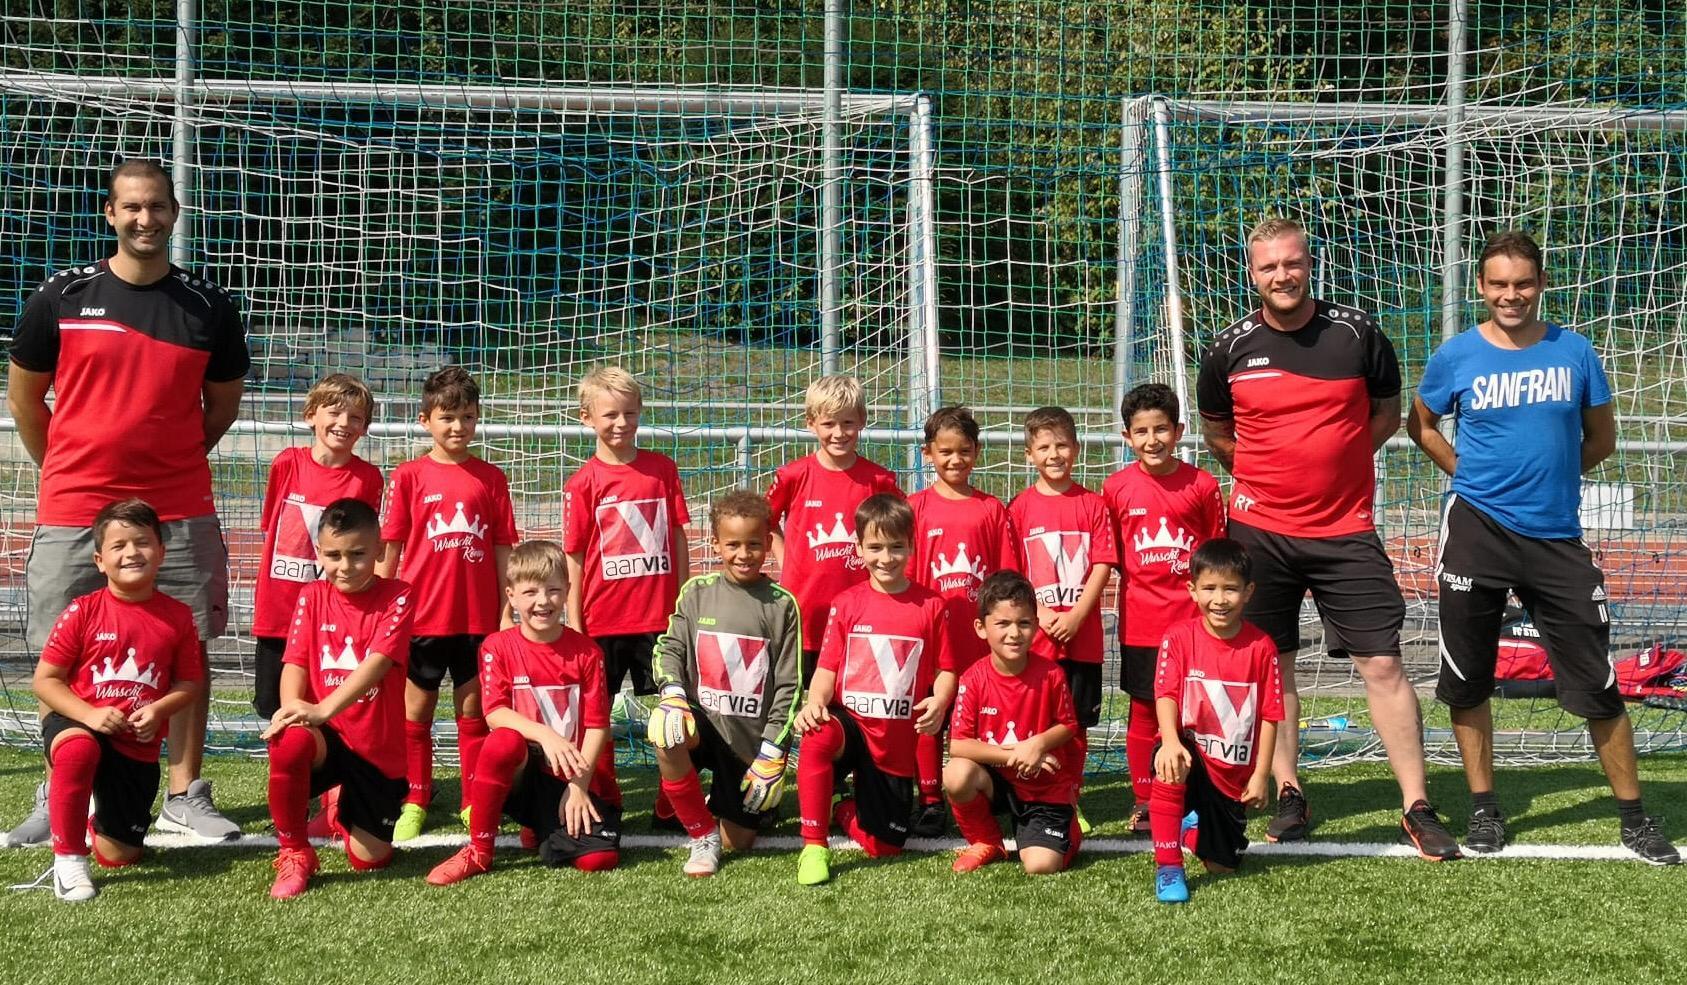 Mannschaftsfoto Junioren F rot und schwarz - Dress Sponsor: Wurstkönig, Hornussen und Aarvia Bau, Würenlingen Saison 2020/2021